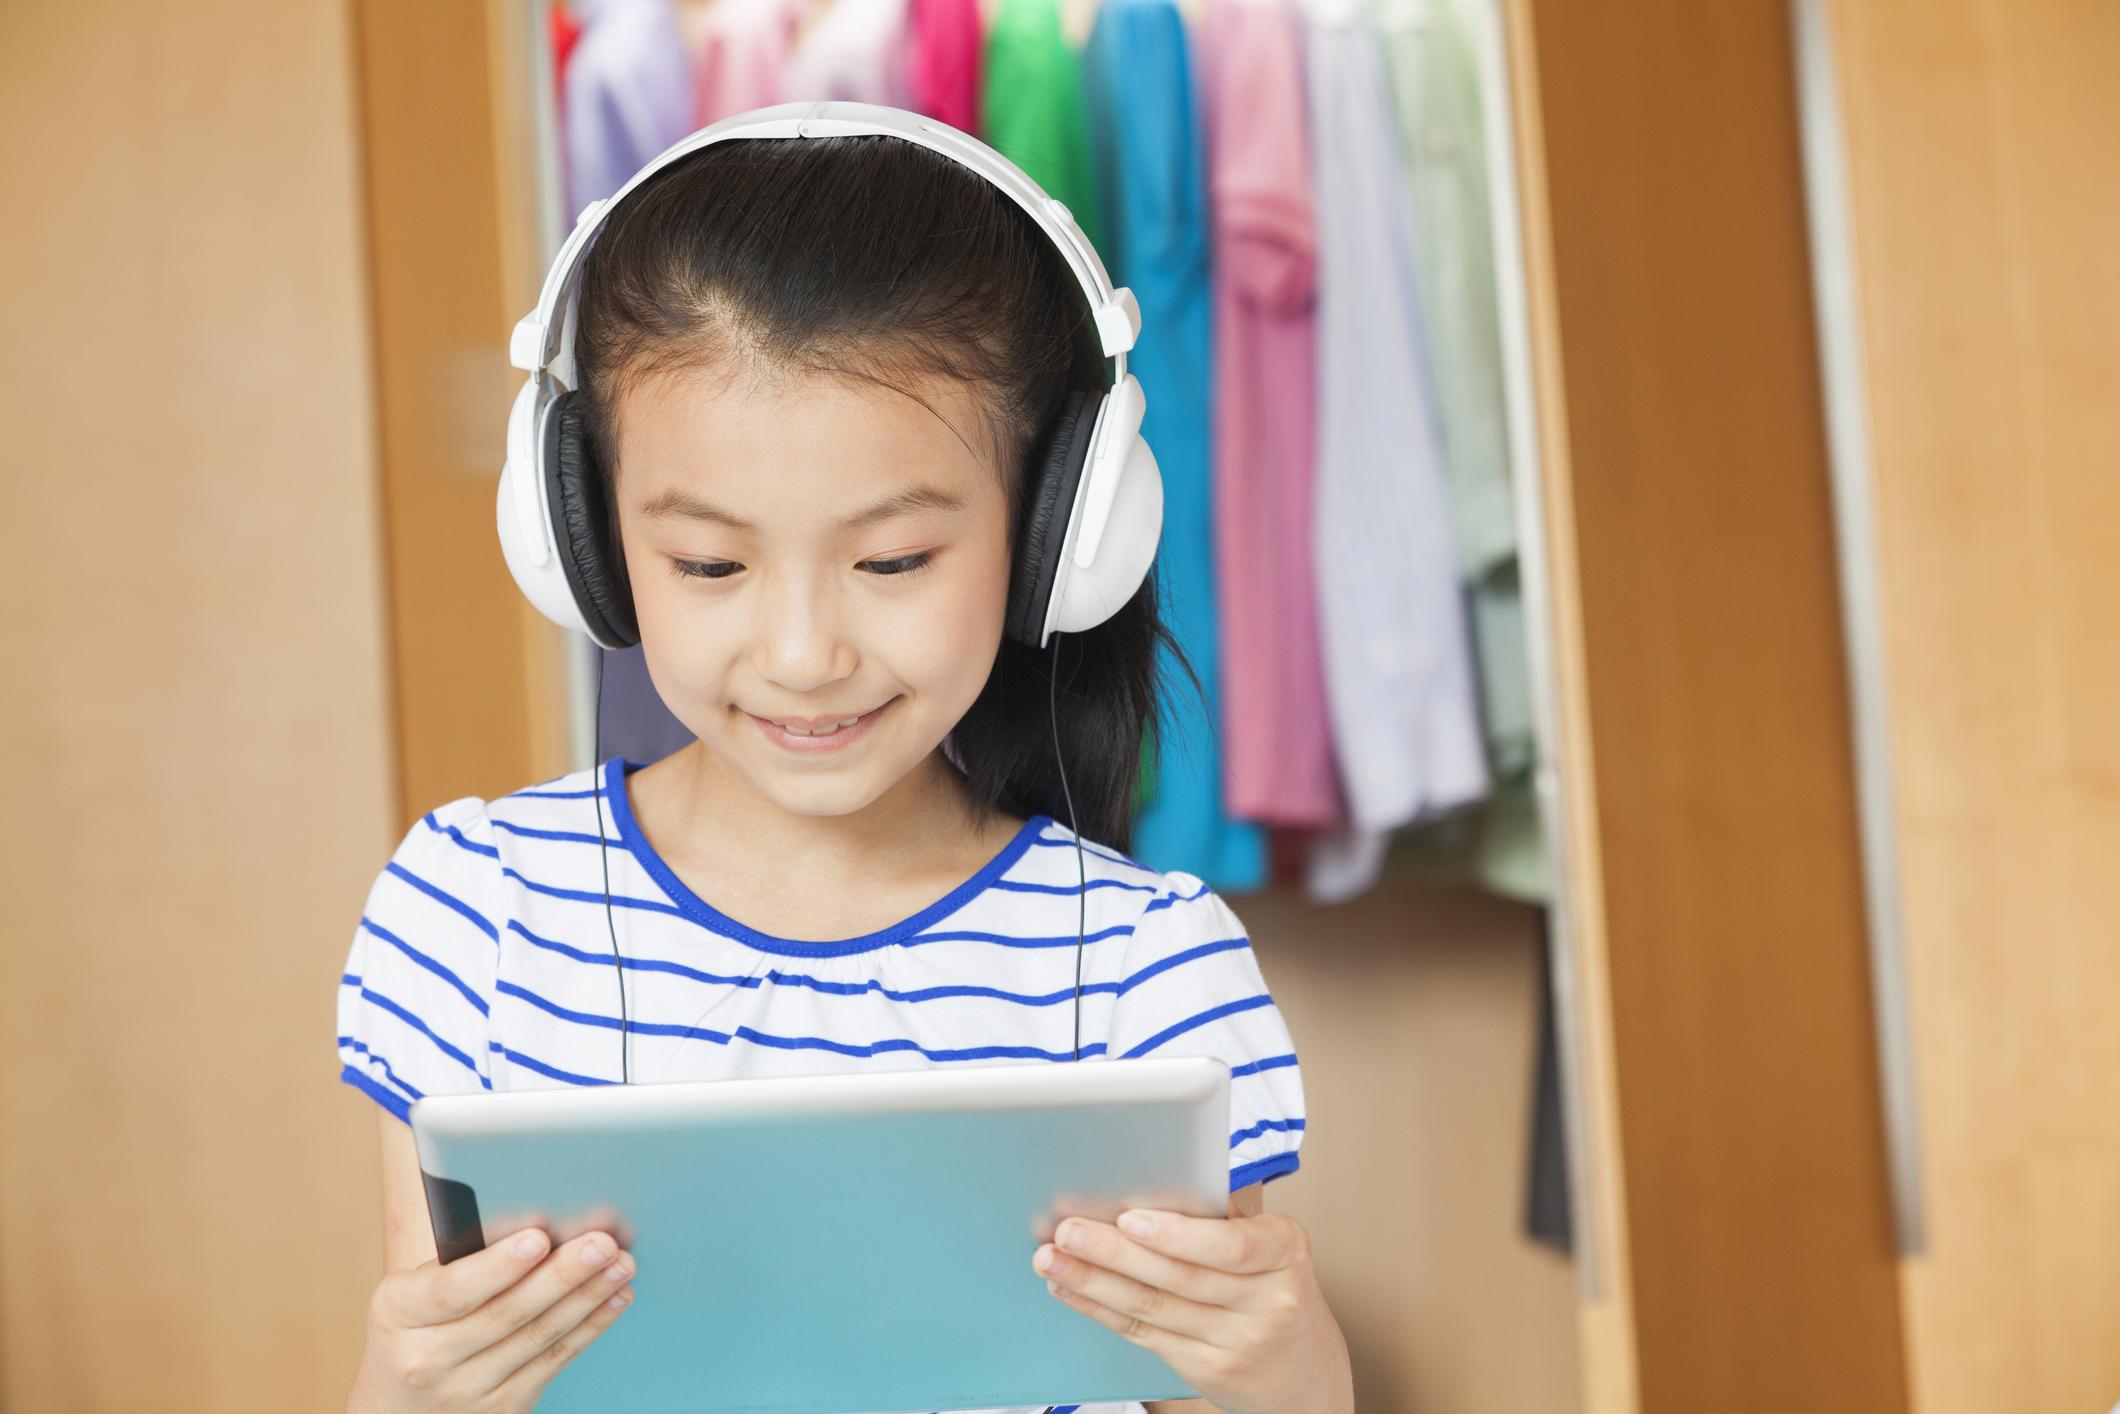 Belajar bahasa Inggris otodidak di rumah juga bisa meningkatkan kemampuan mereka kok! - Edu2Review